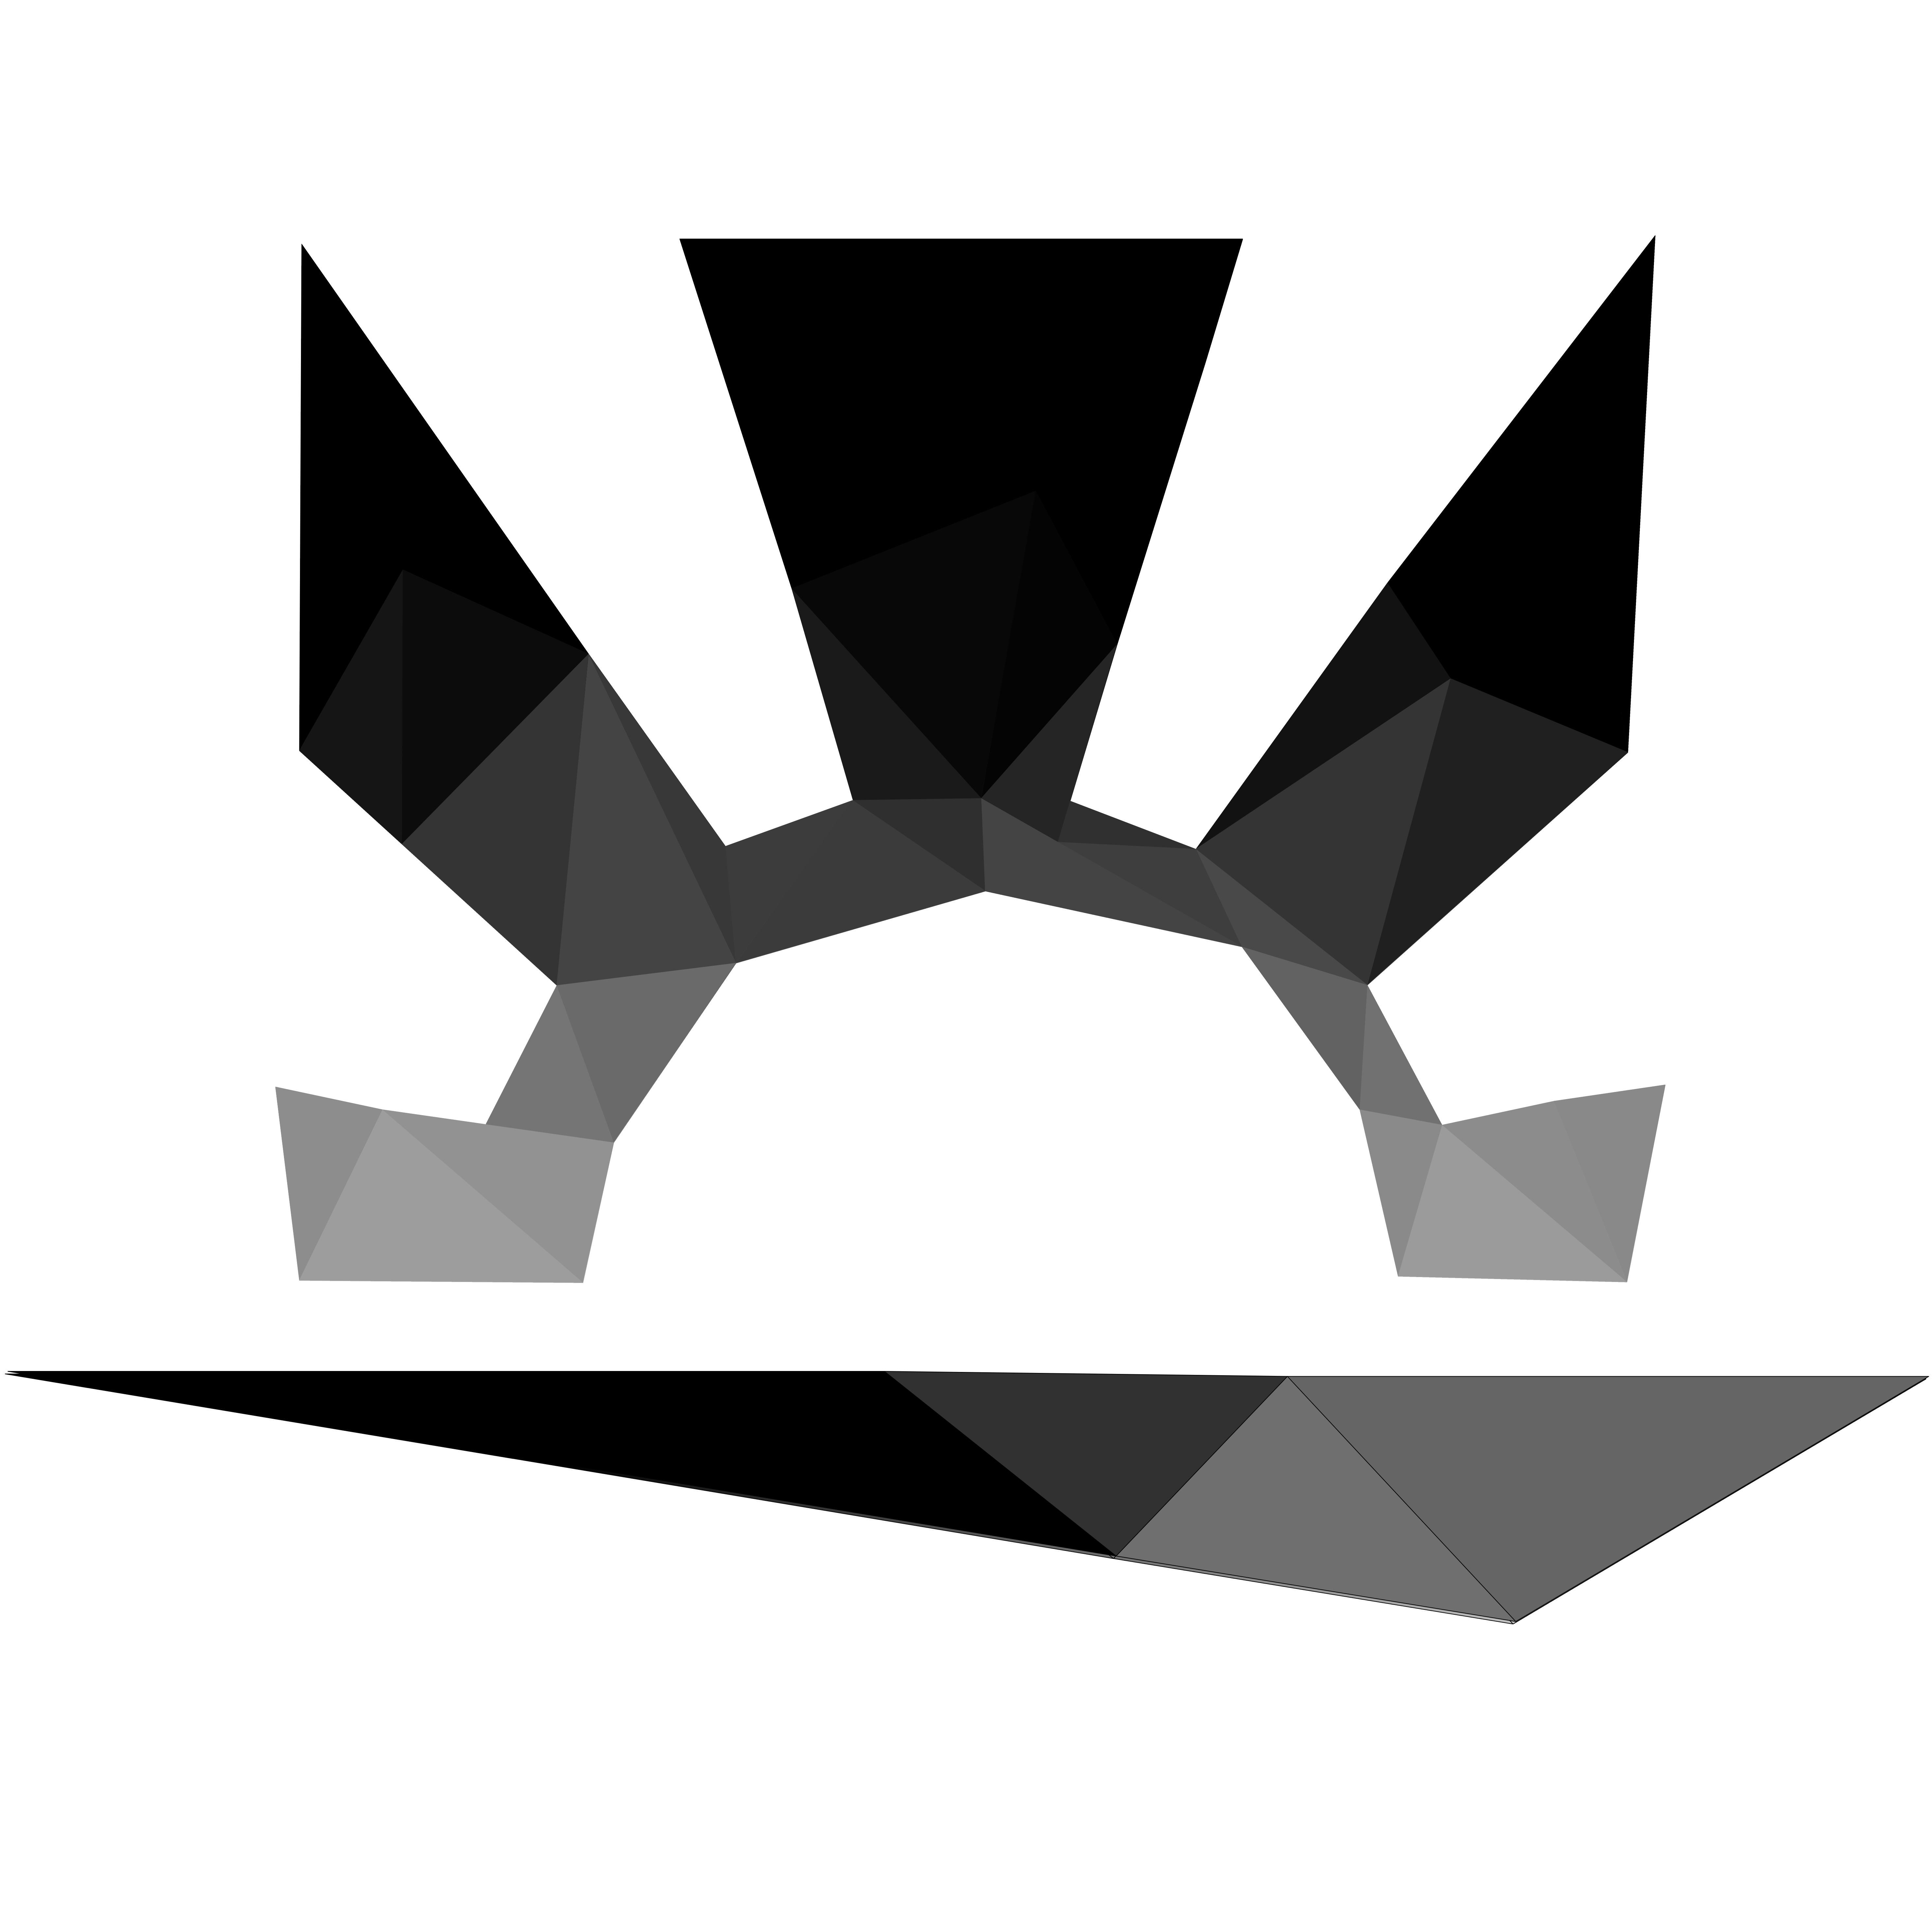 Редизайн / модернизация логотипа Центра недвижимости фото f_4785bc7548383b56.jpg